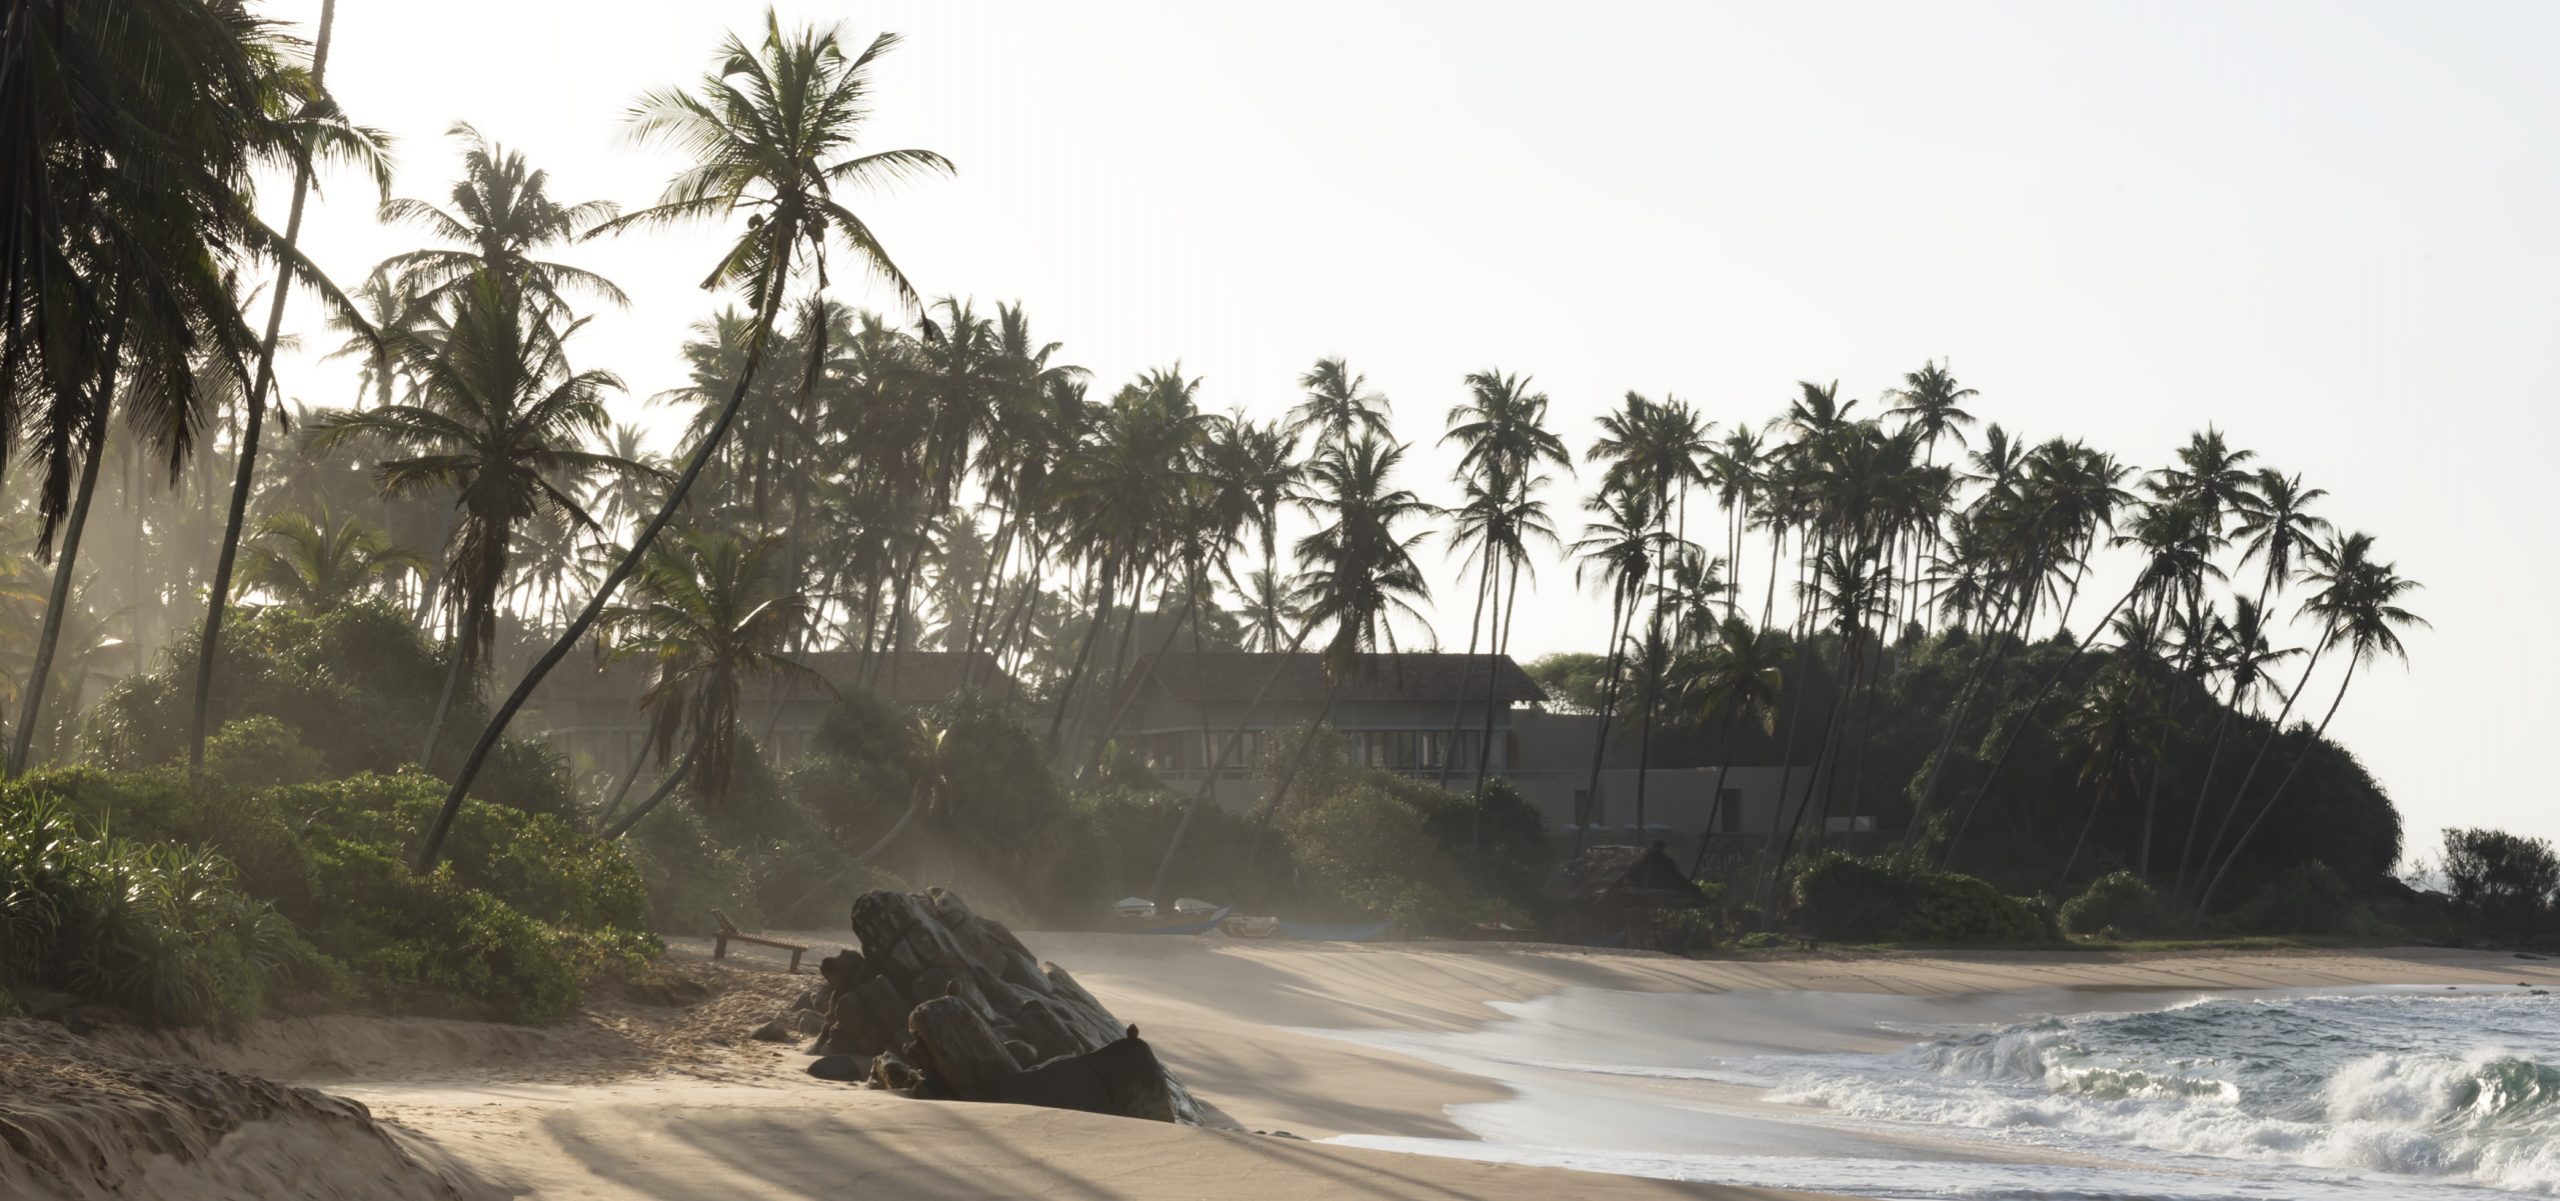 Sri Lanka - Tangalle Beach